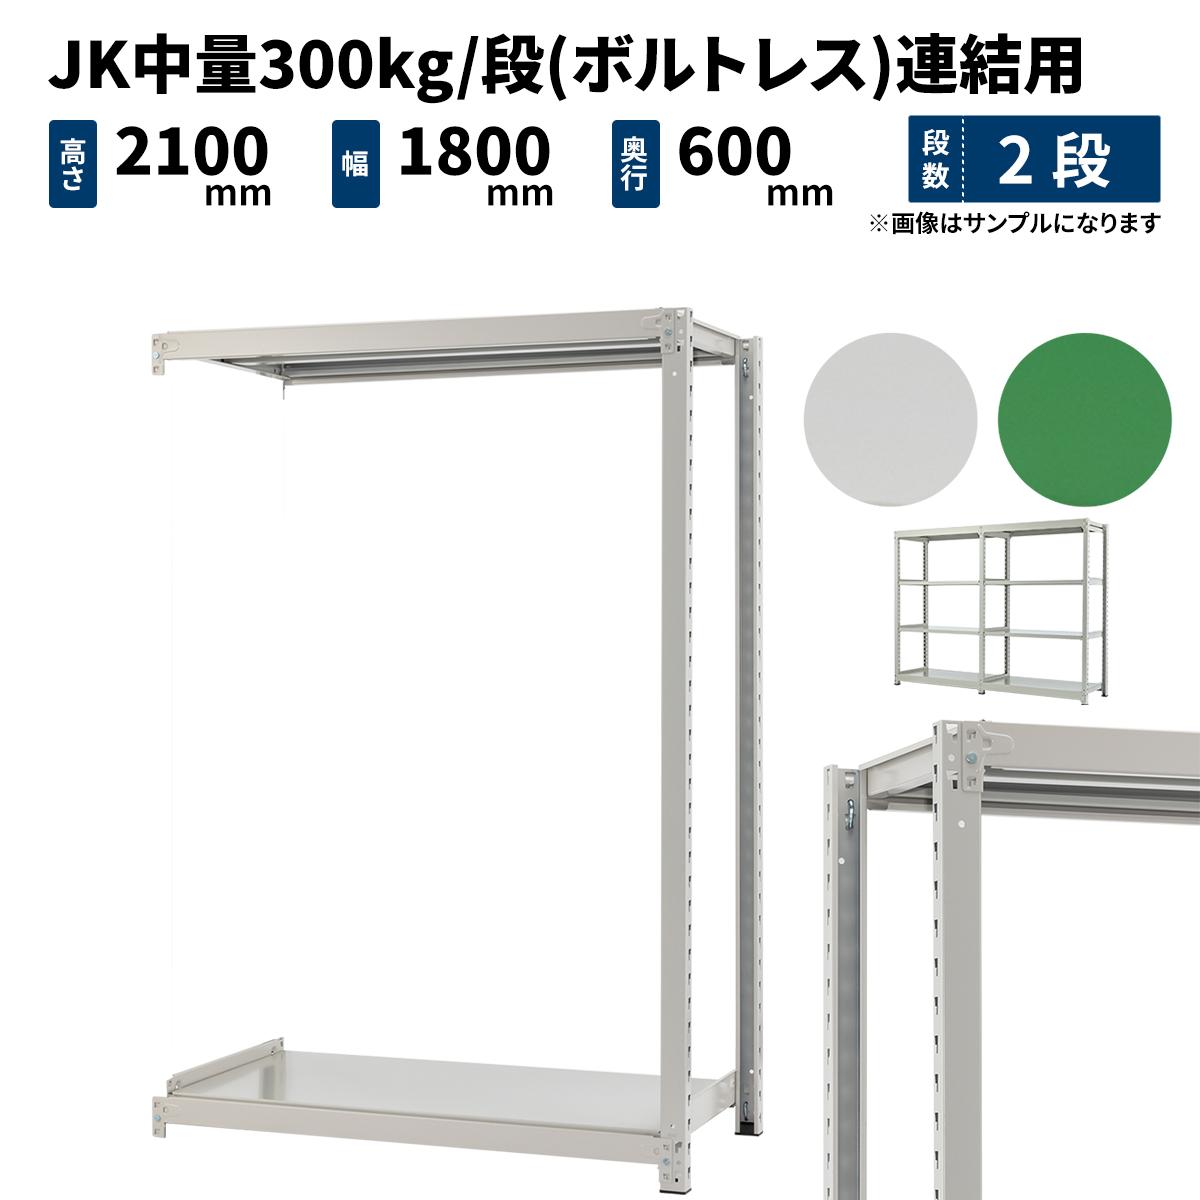 スチールラック 業務用 JK中量300kg/段(ボルトレス) 連結形式 高さ2100×幅1800×奥行600mm 2段 ホワイトグレー/グリーン (45kg) JK300_R-211806-2